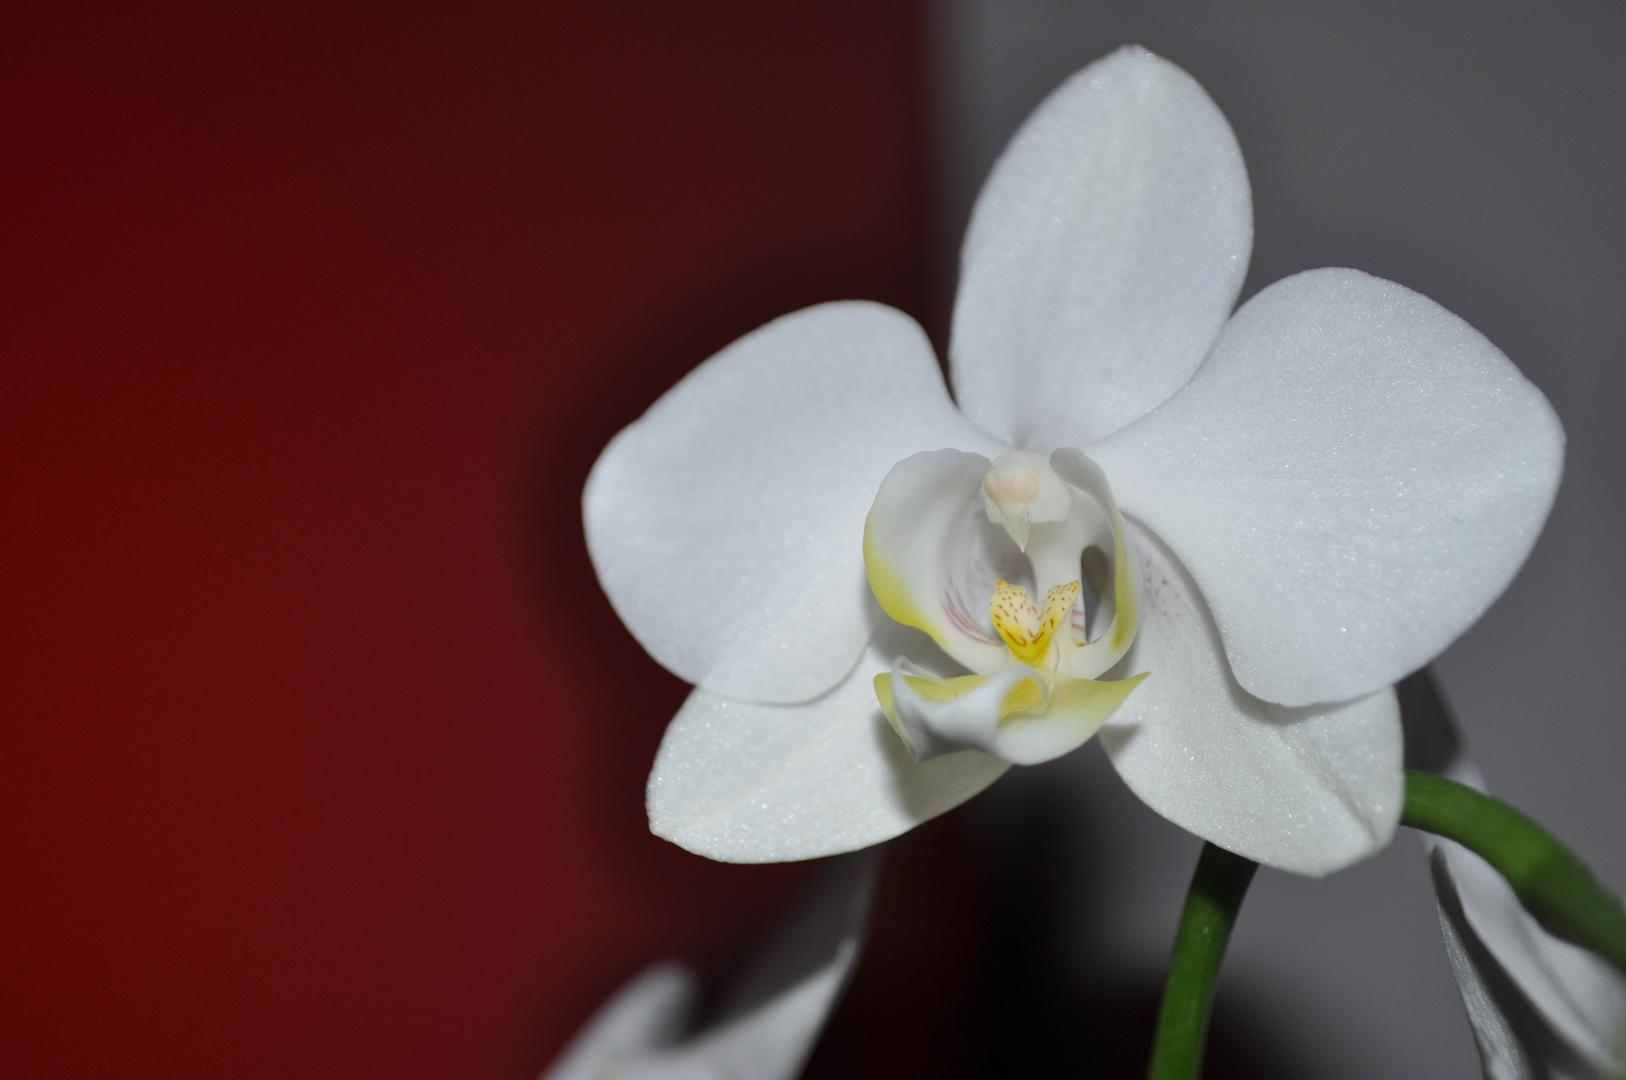 Zarte Blüte einer Orchidee